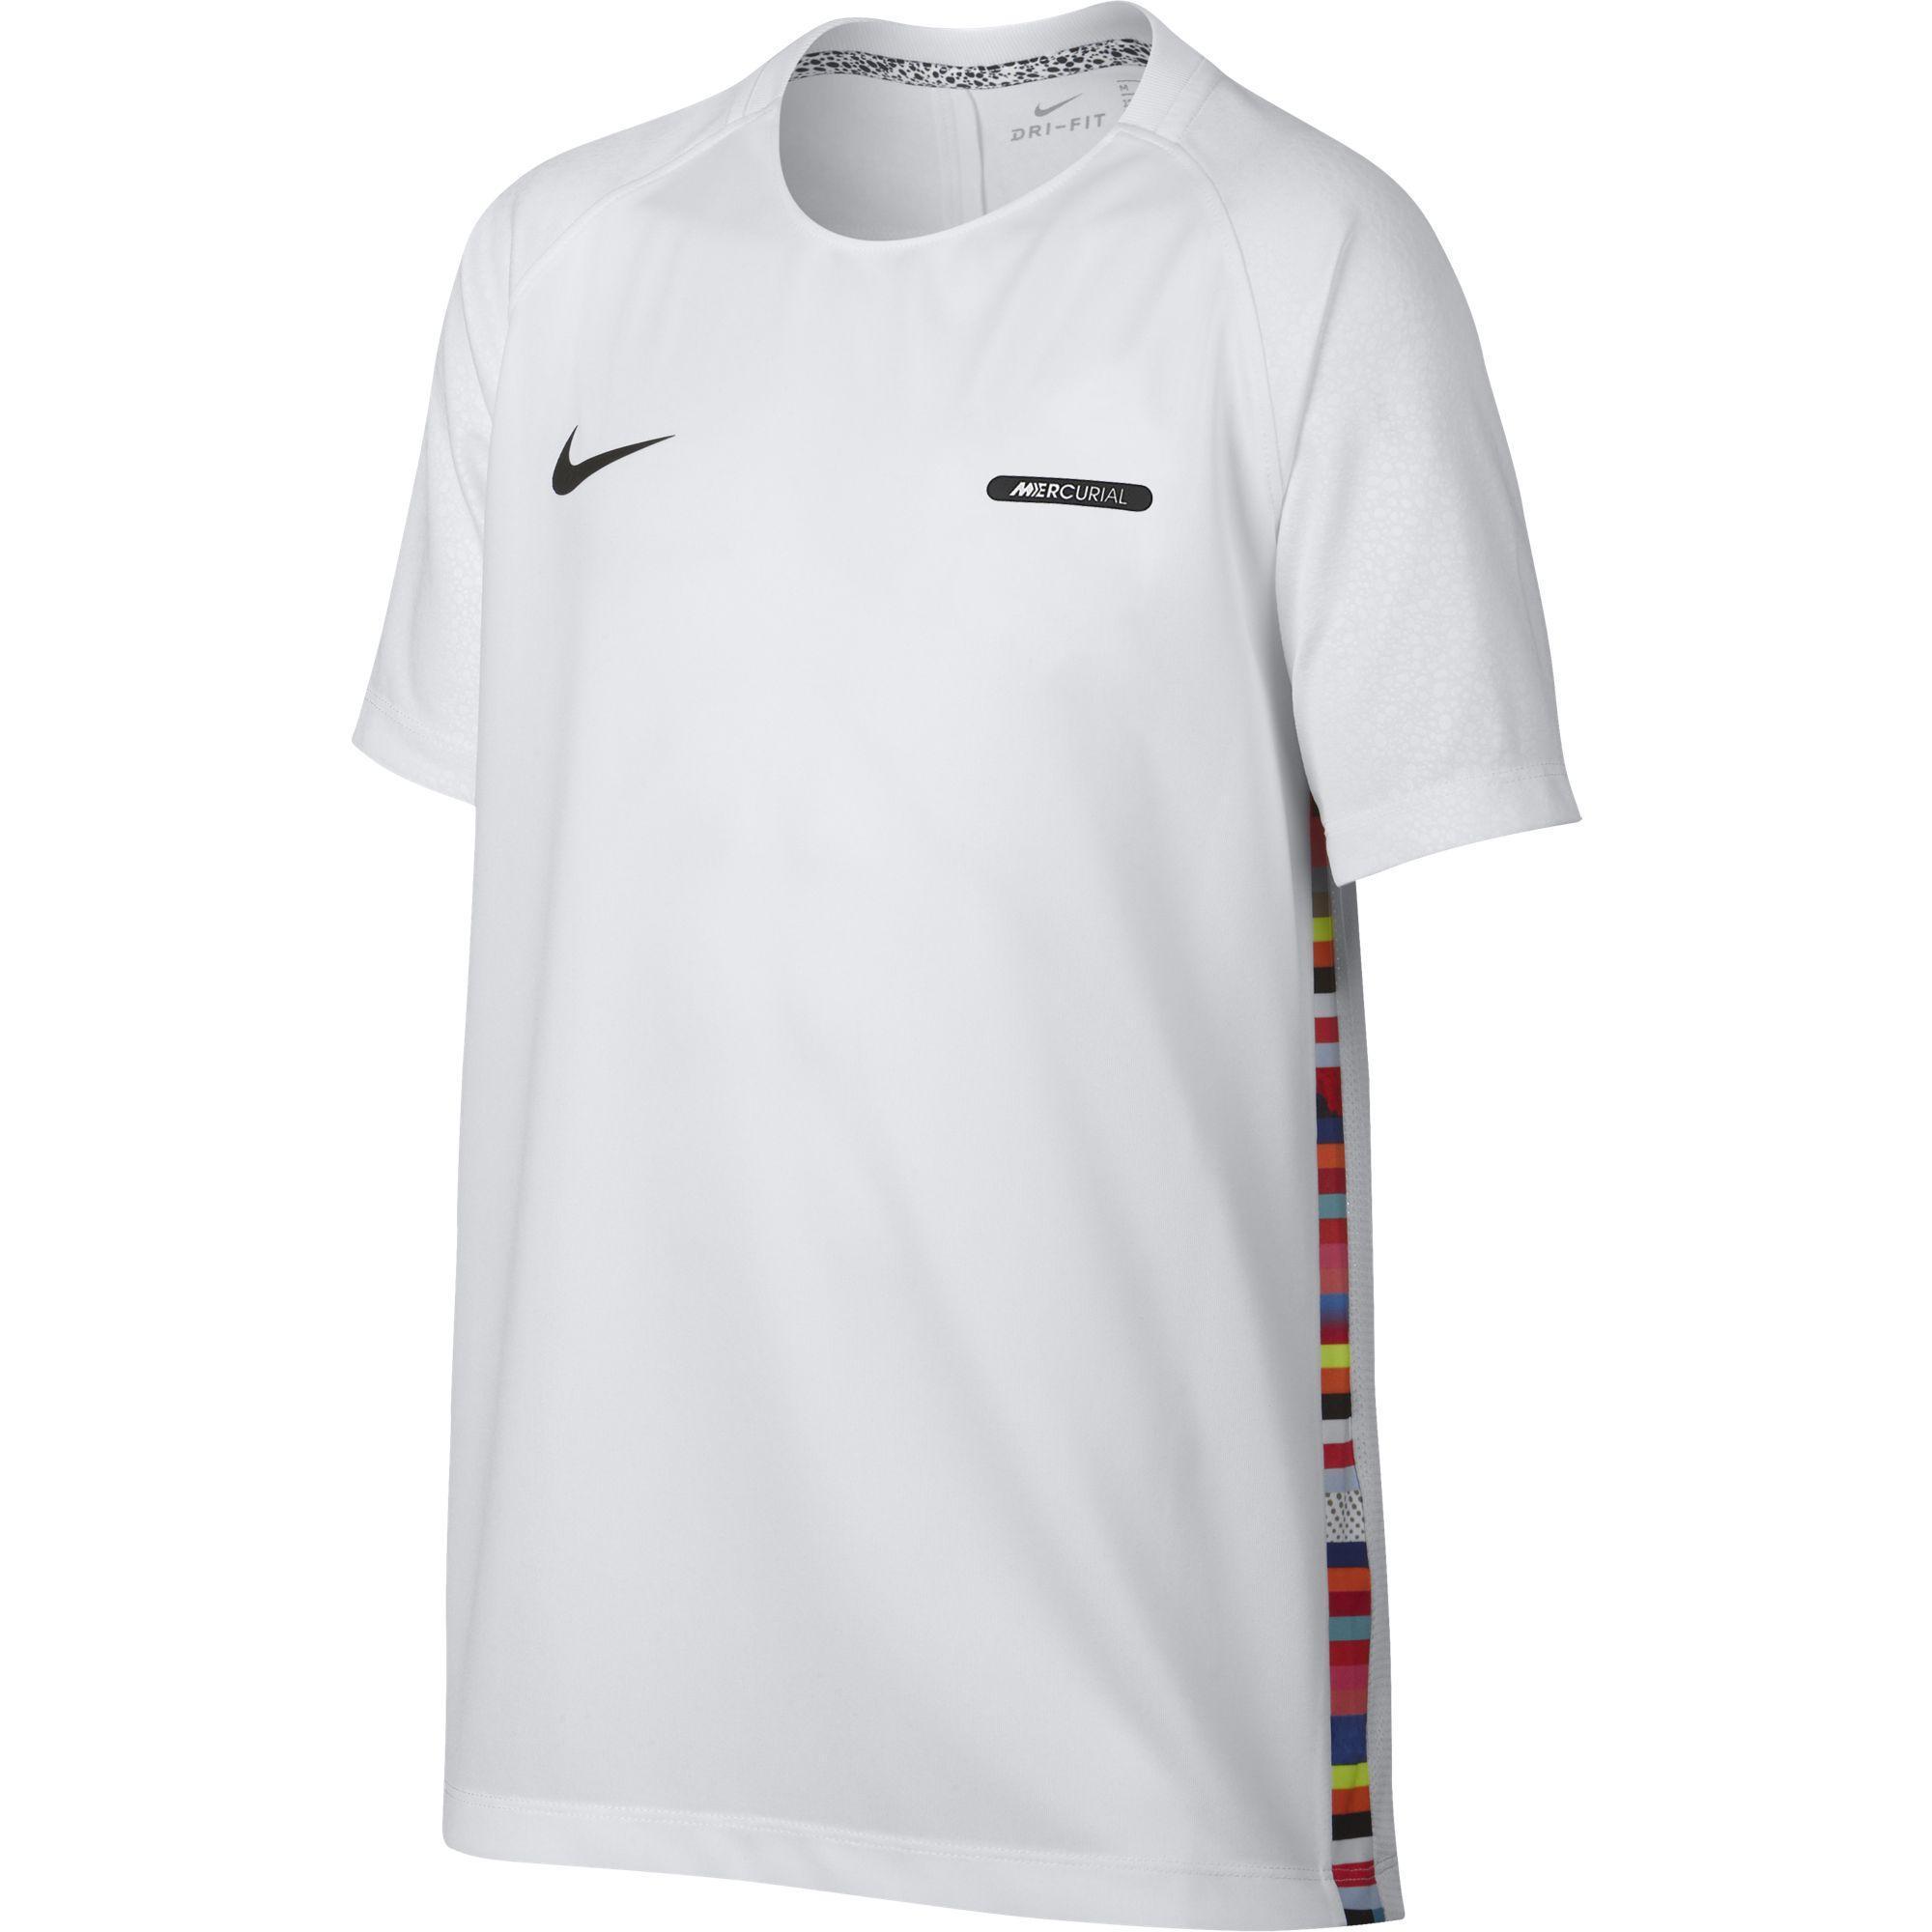 Nike T-shirt Mercurial  Junior